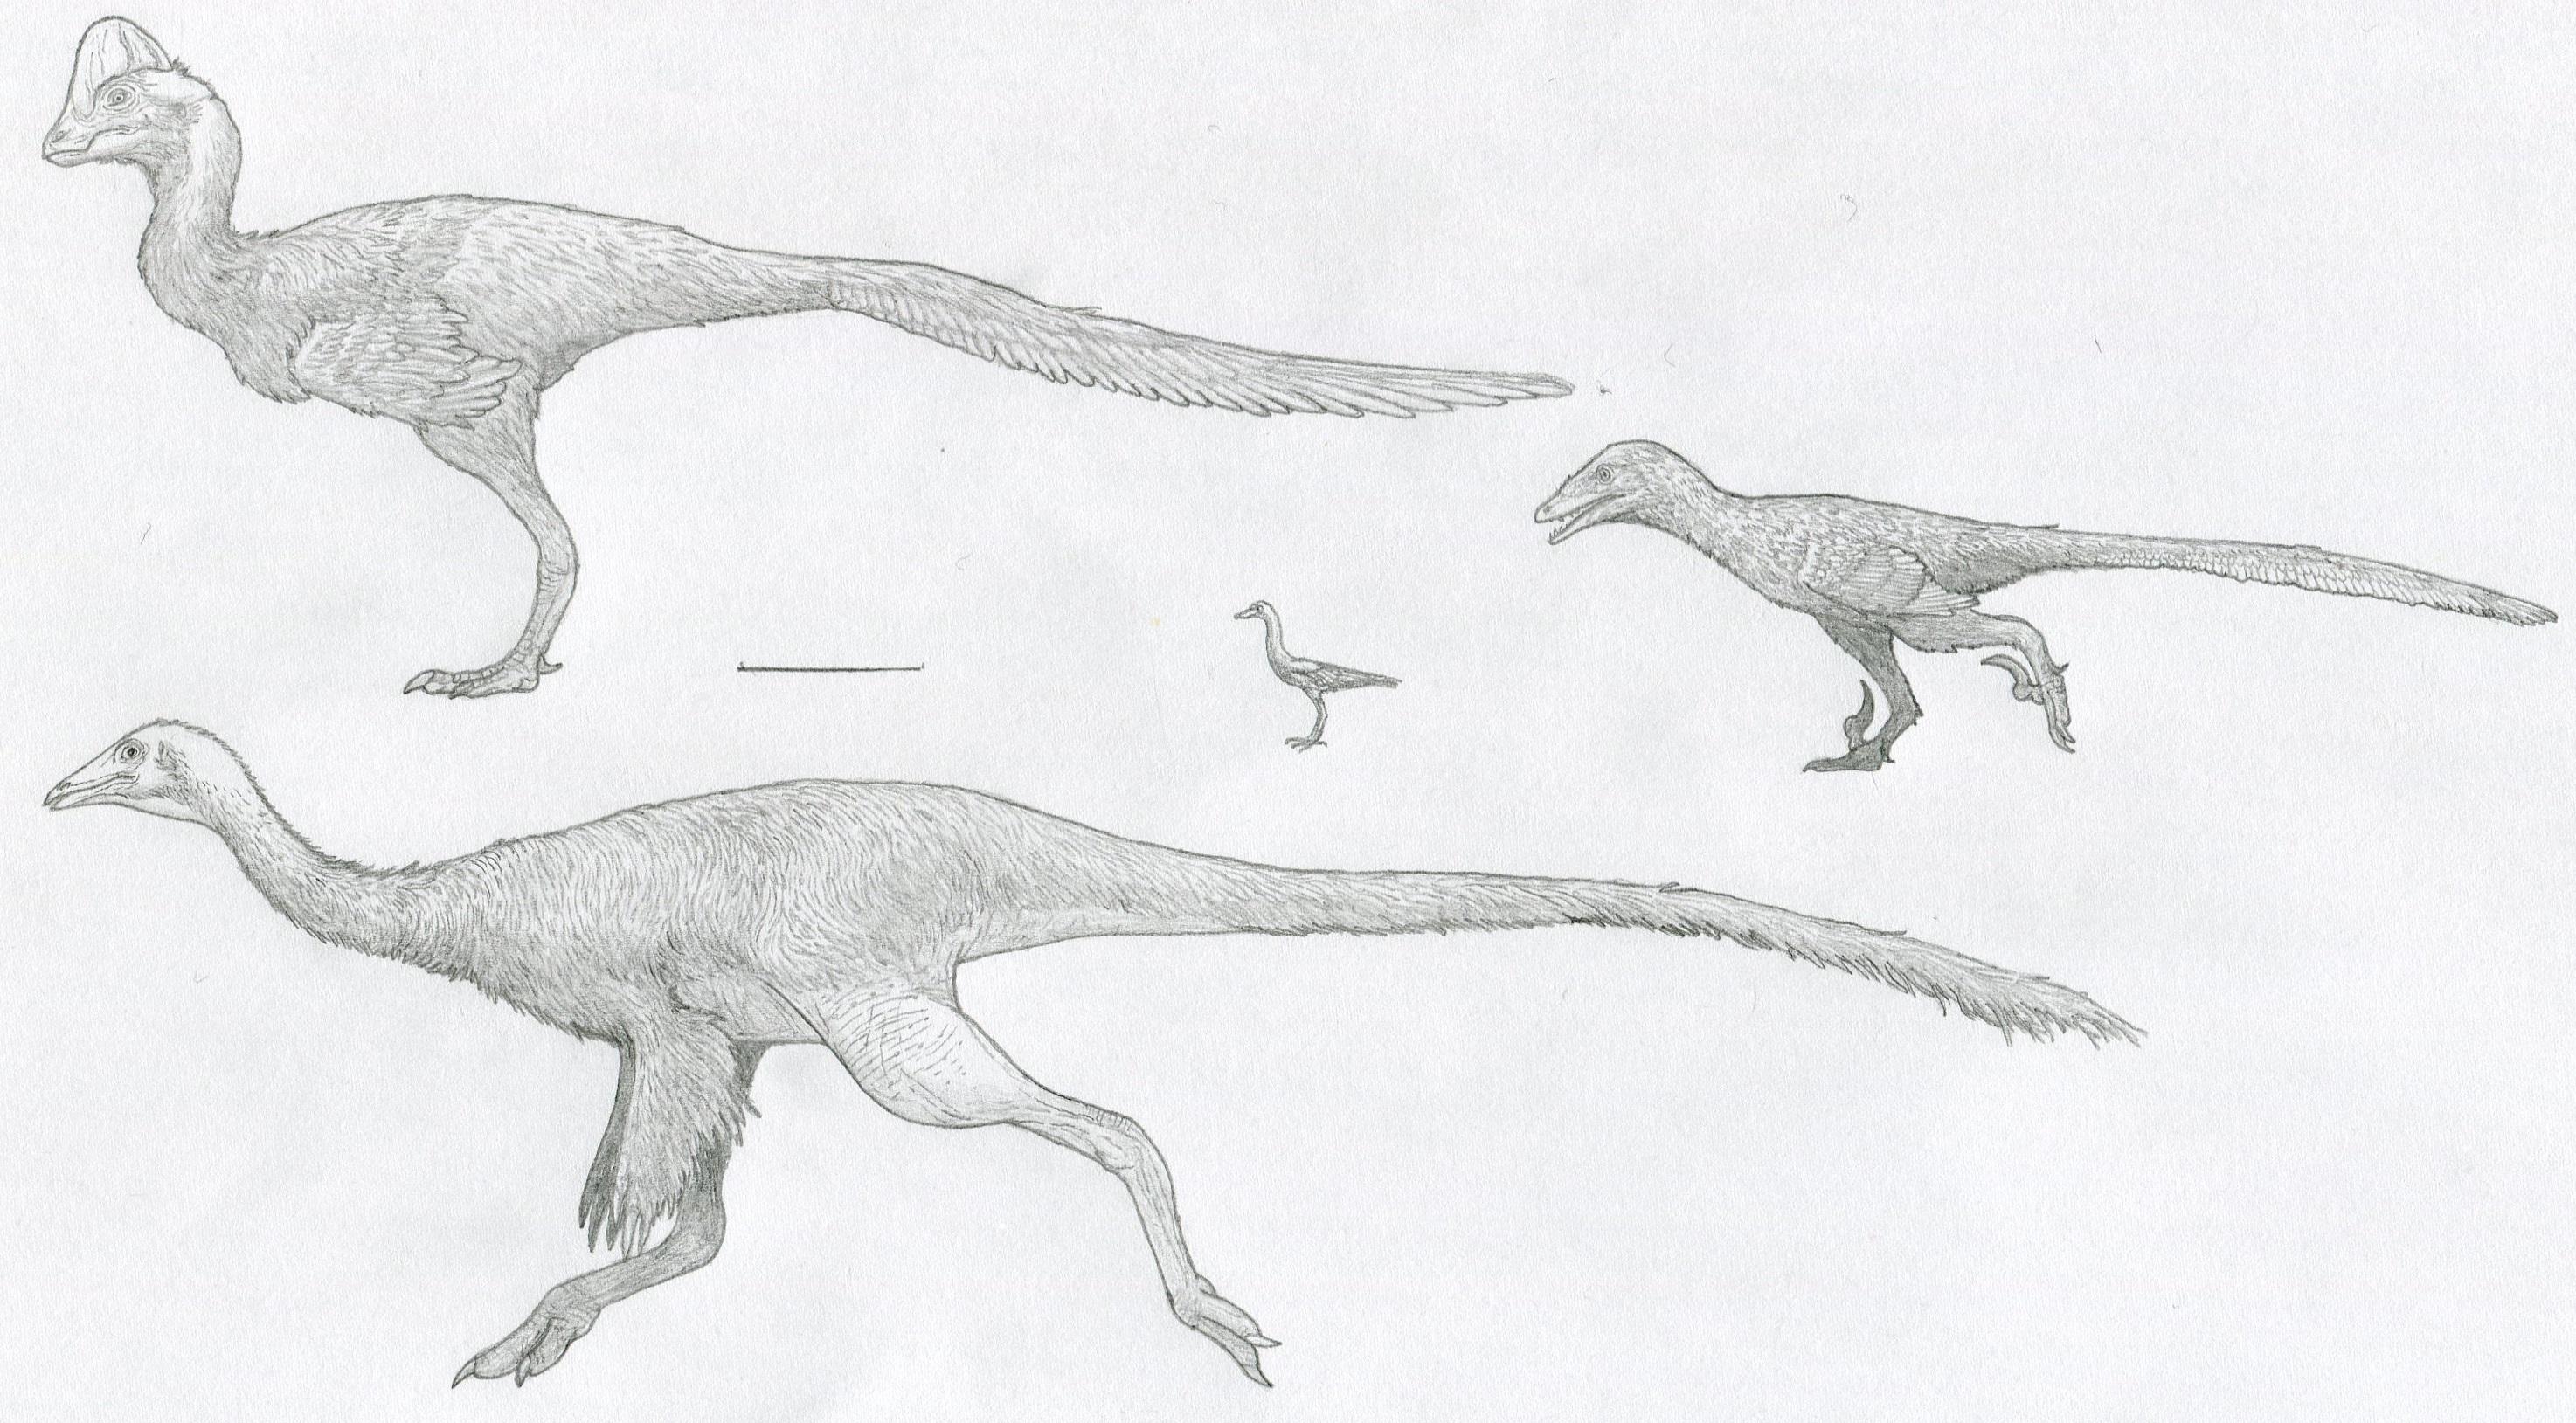 Hell Creek maniraptoriform sketch dump by Tomozaurus